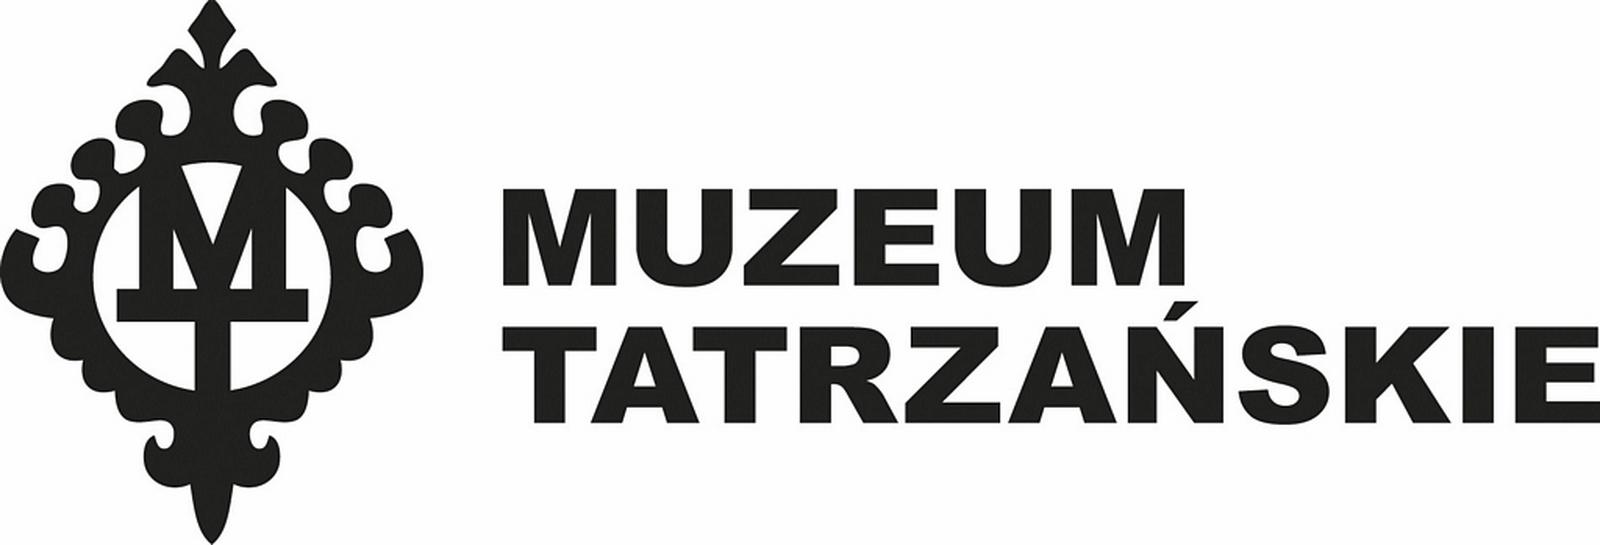 logo_muzeum_zakopane [Converted]